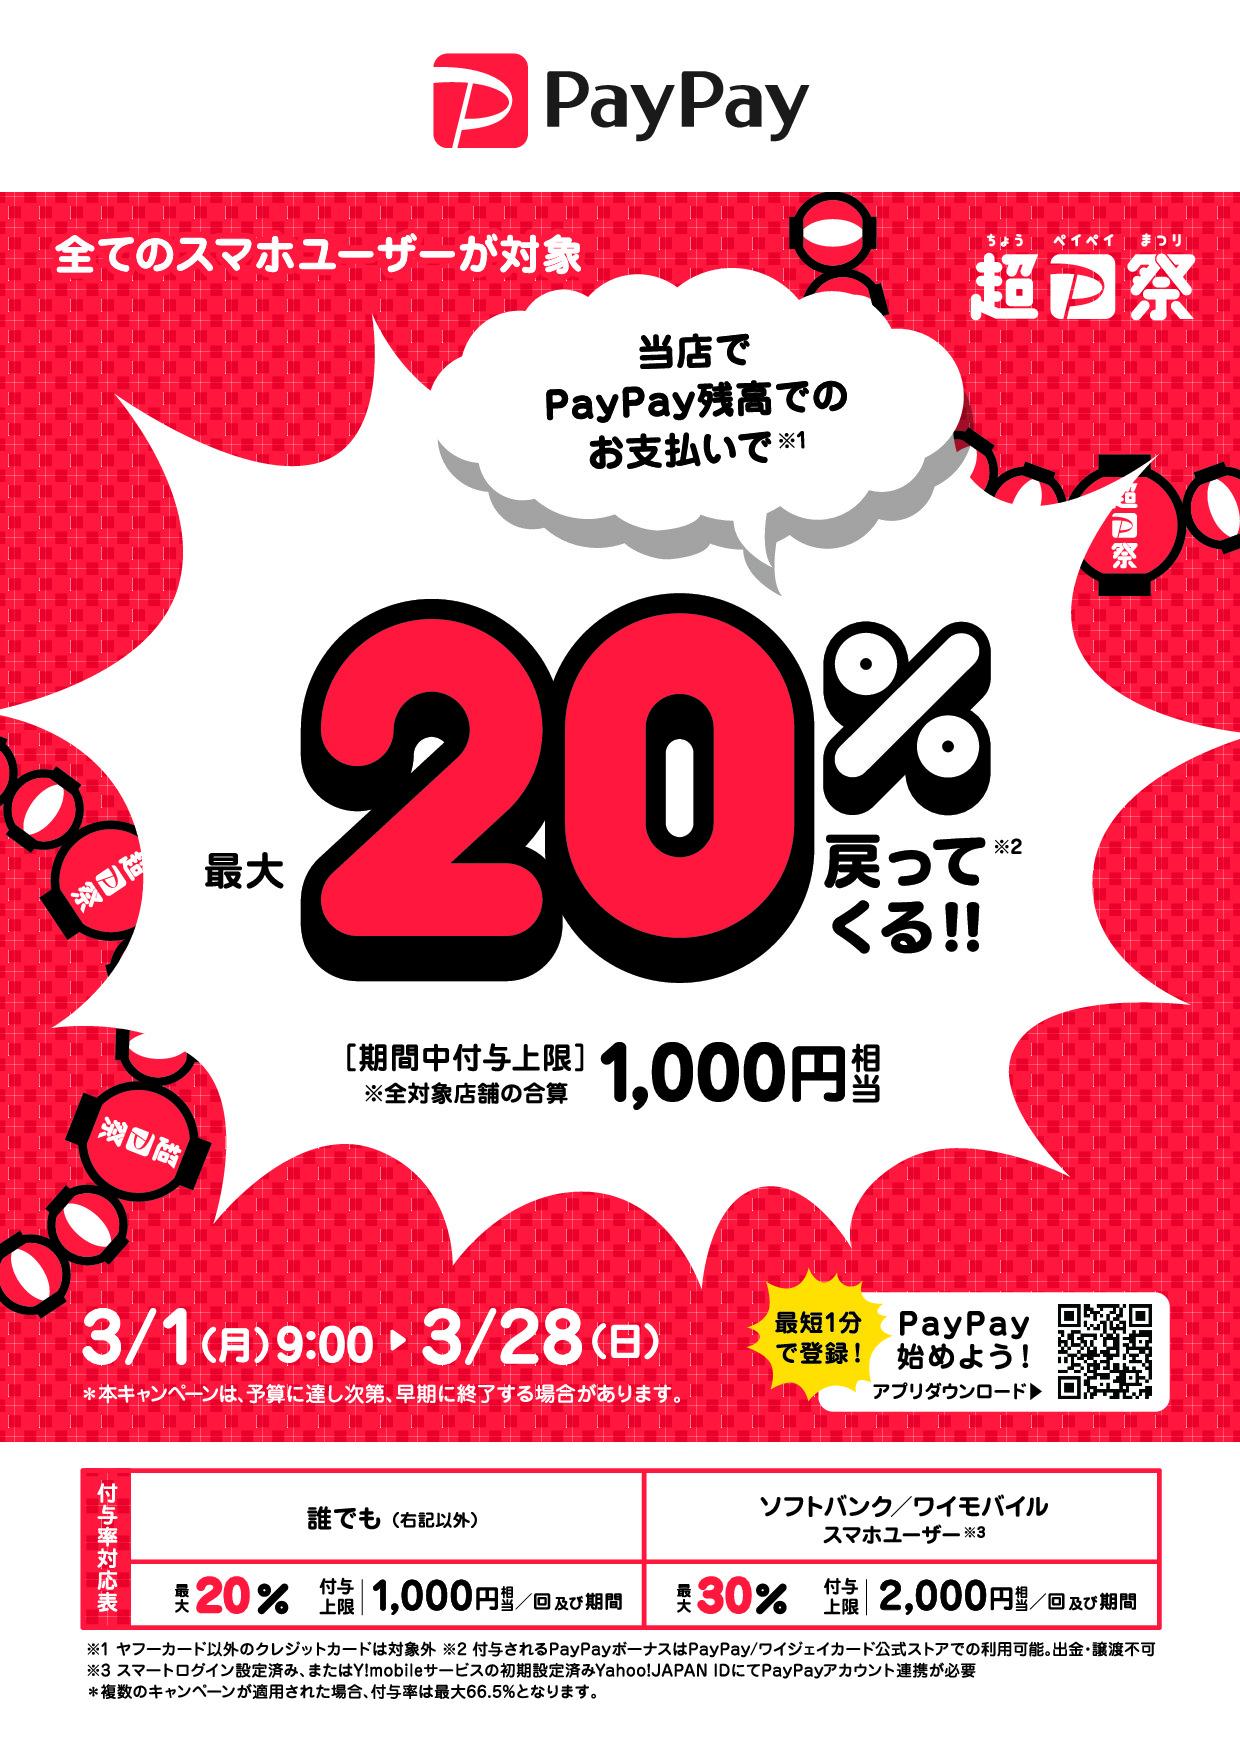 超PayPay祭キャンペーン  PayPay残高でのお支払いで最大20%戻ってくる!!  【期間】3月1日(月)9:00~3月28日(日) 【付与上限】1000円相当/回及び期間(全対象店舗の合算) *本キャンペーンは、予算に達し次第、早期に終了することがあります。